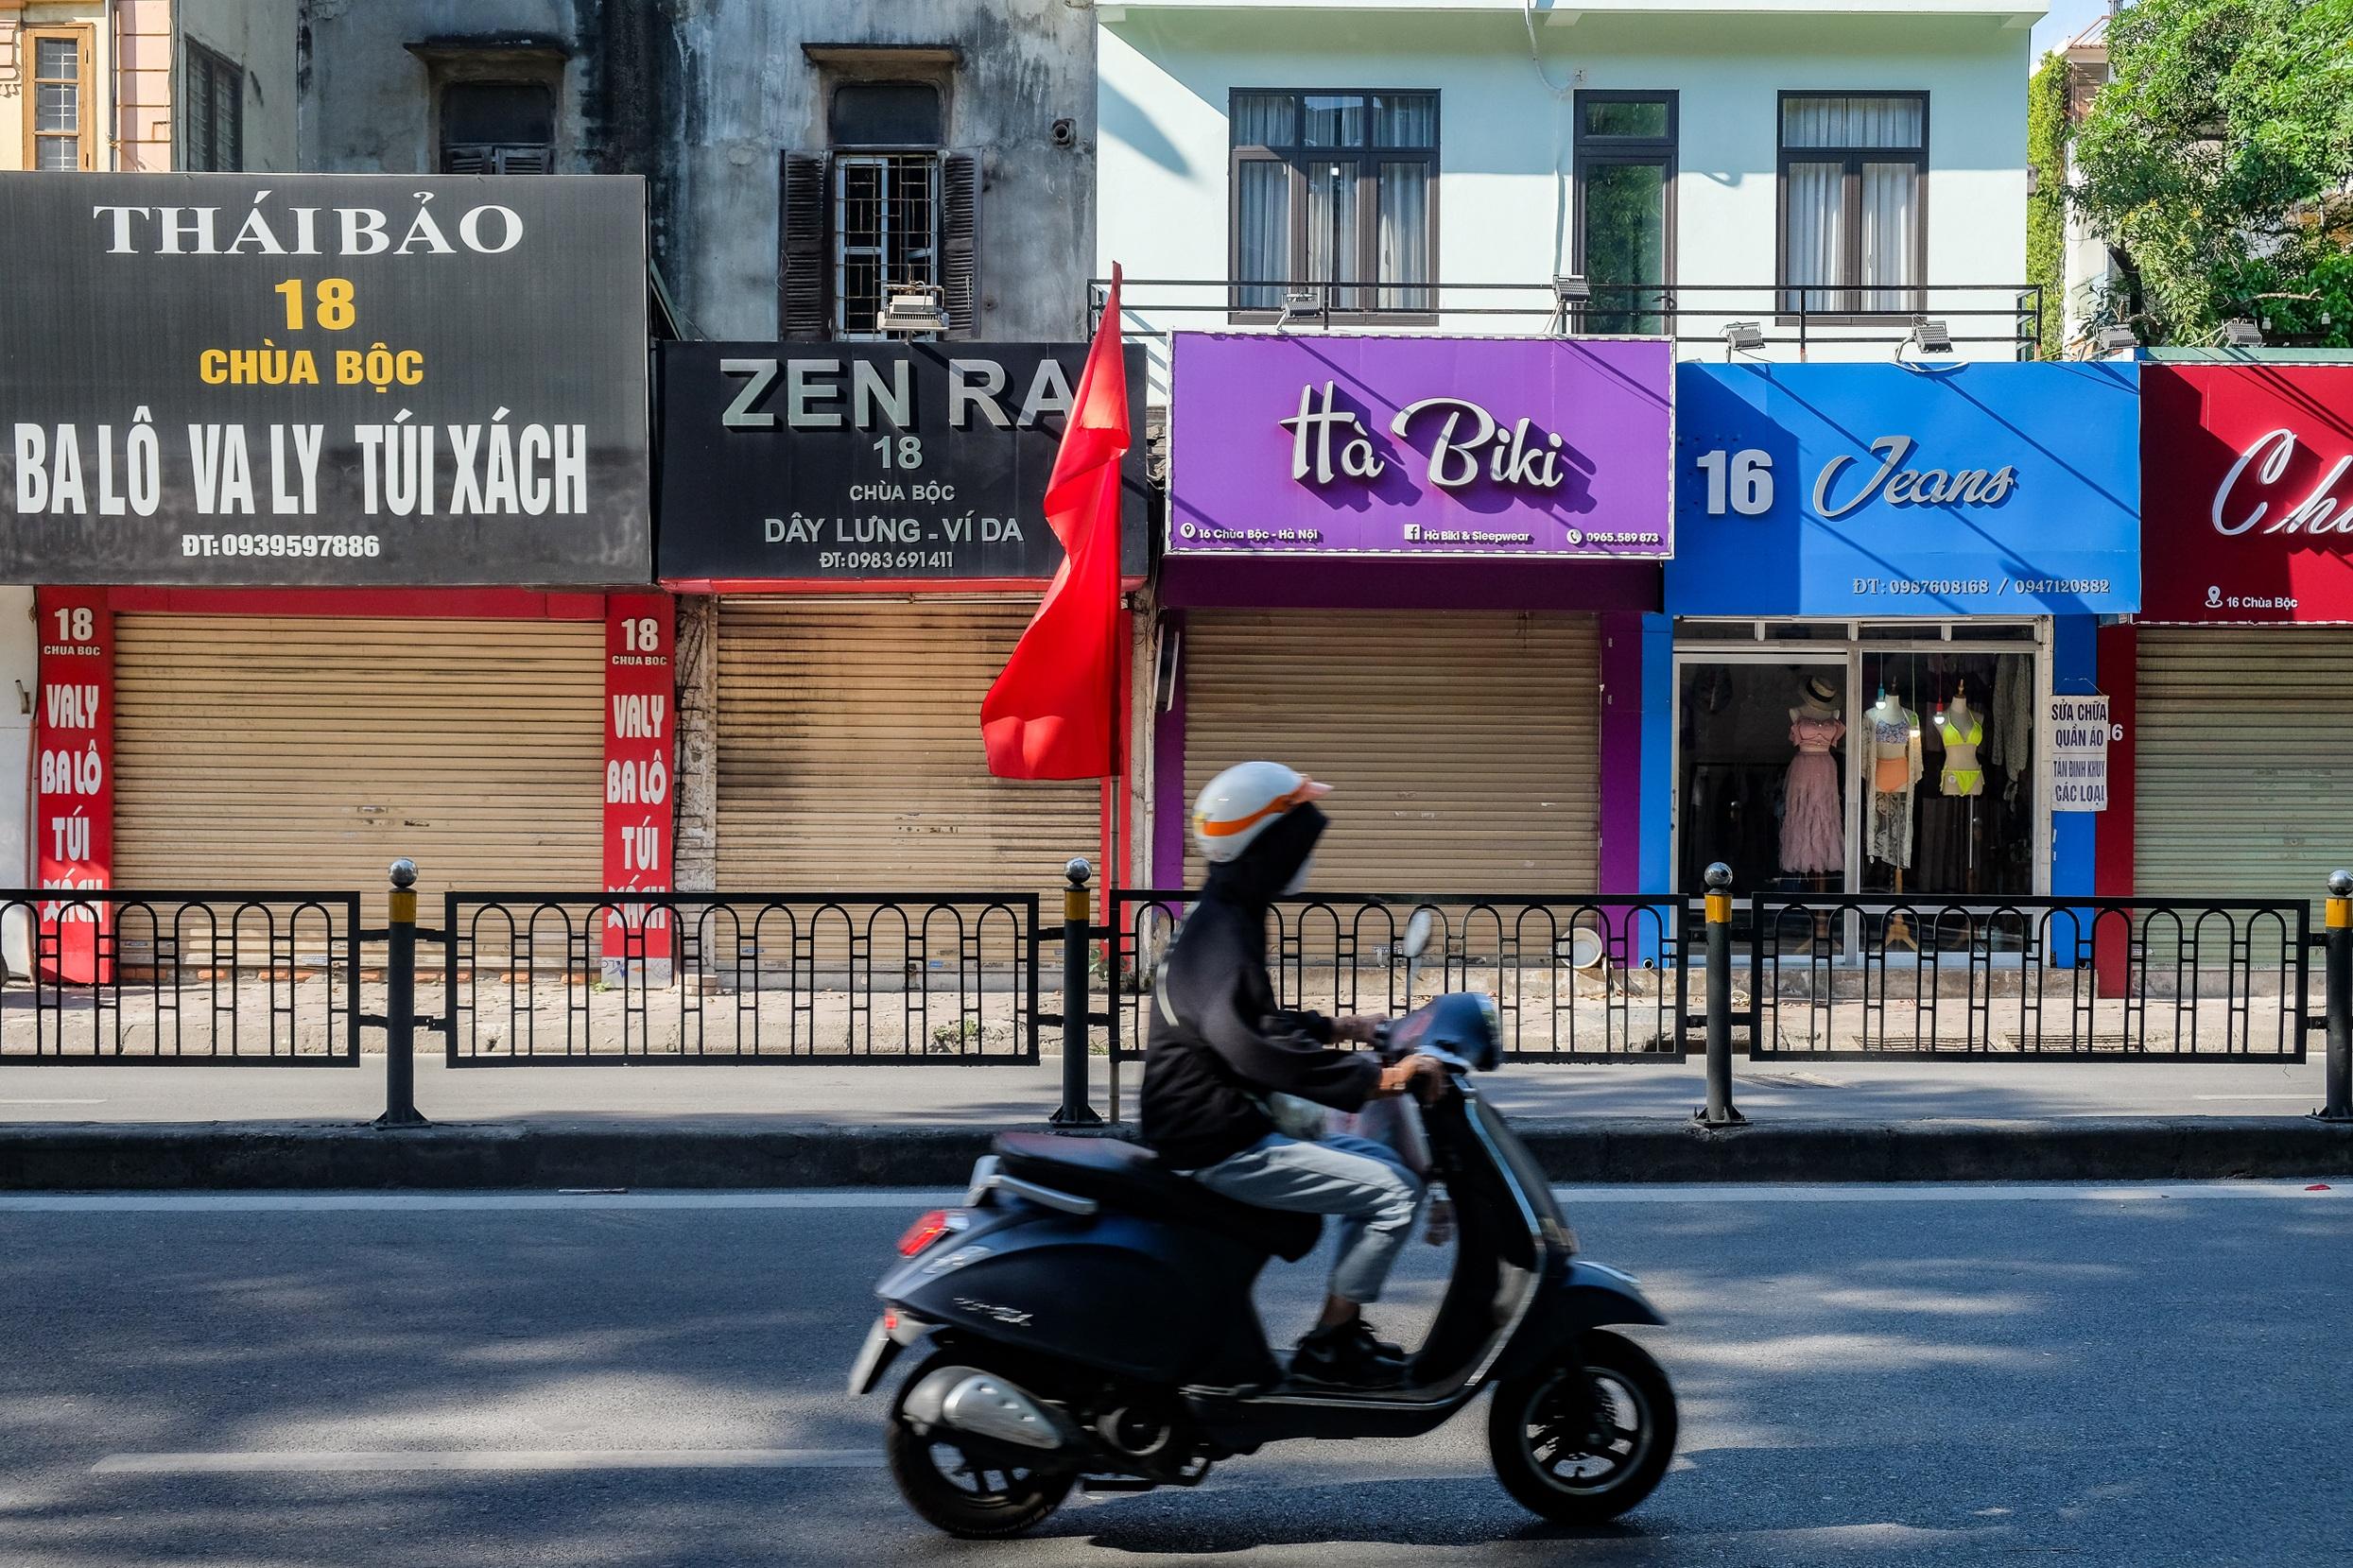 Những con phố thời trang ở Hà Nội: Ngày ế ẩm, tối tắt đèn đi ngủ sớm - 1